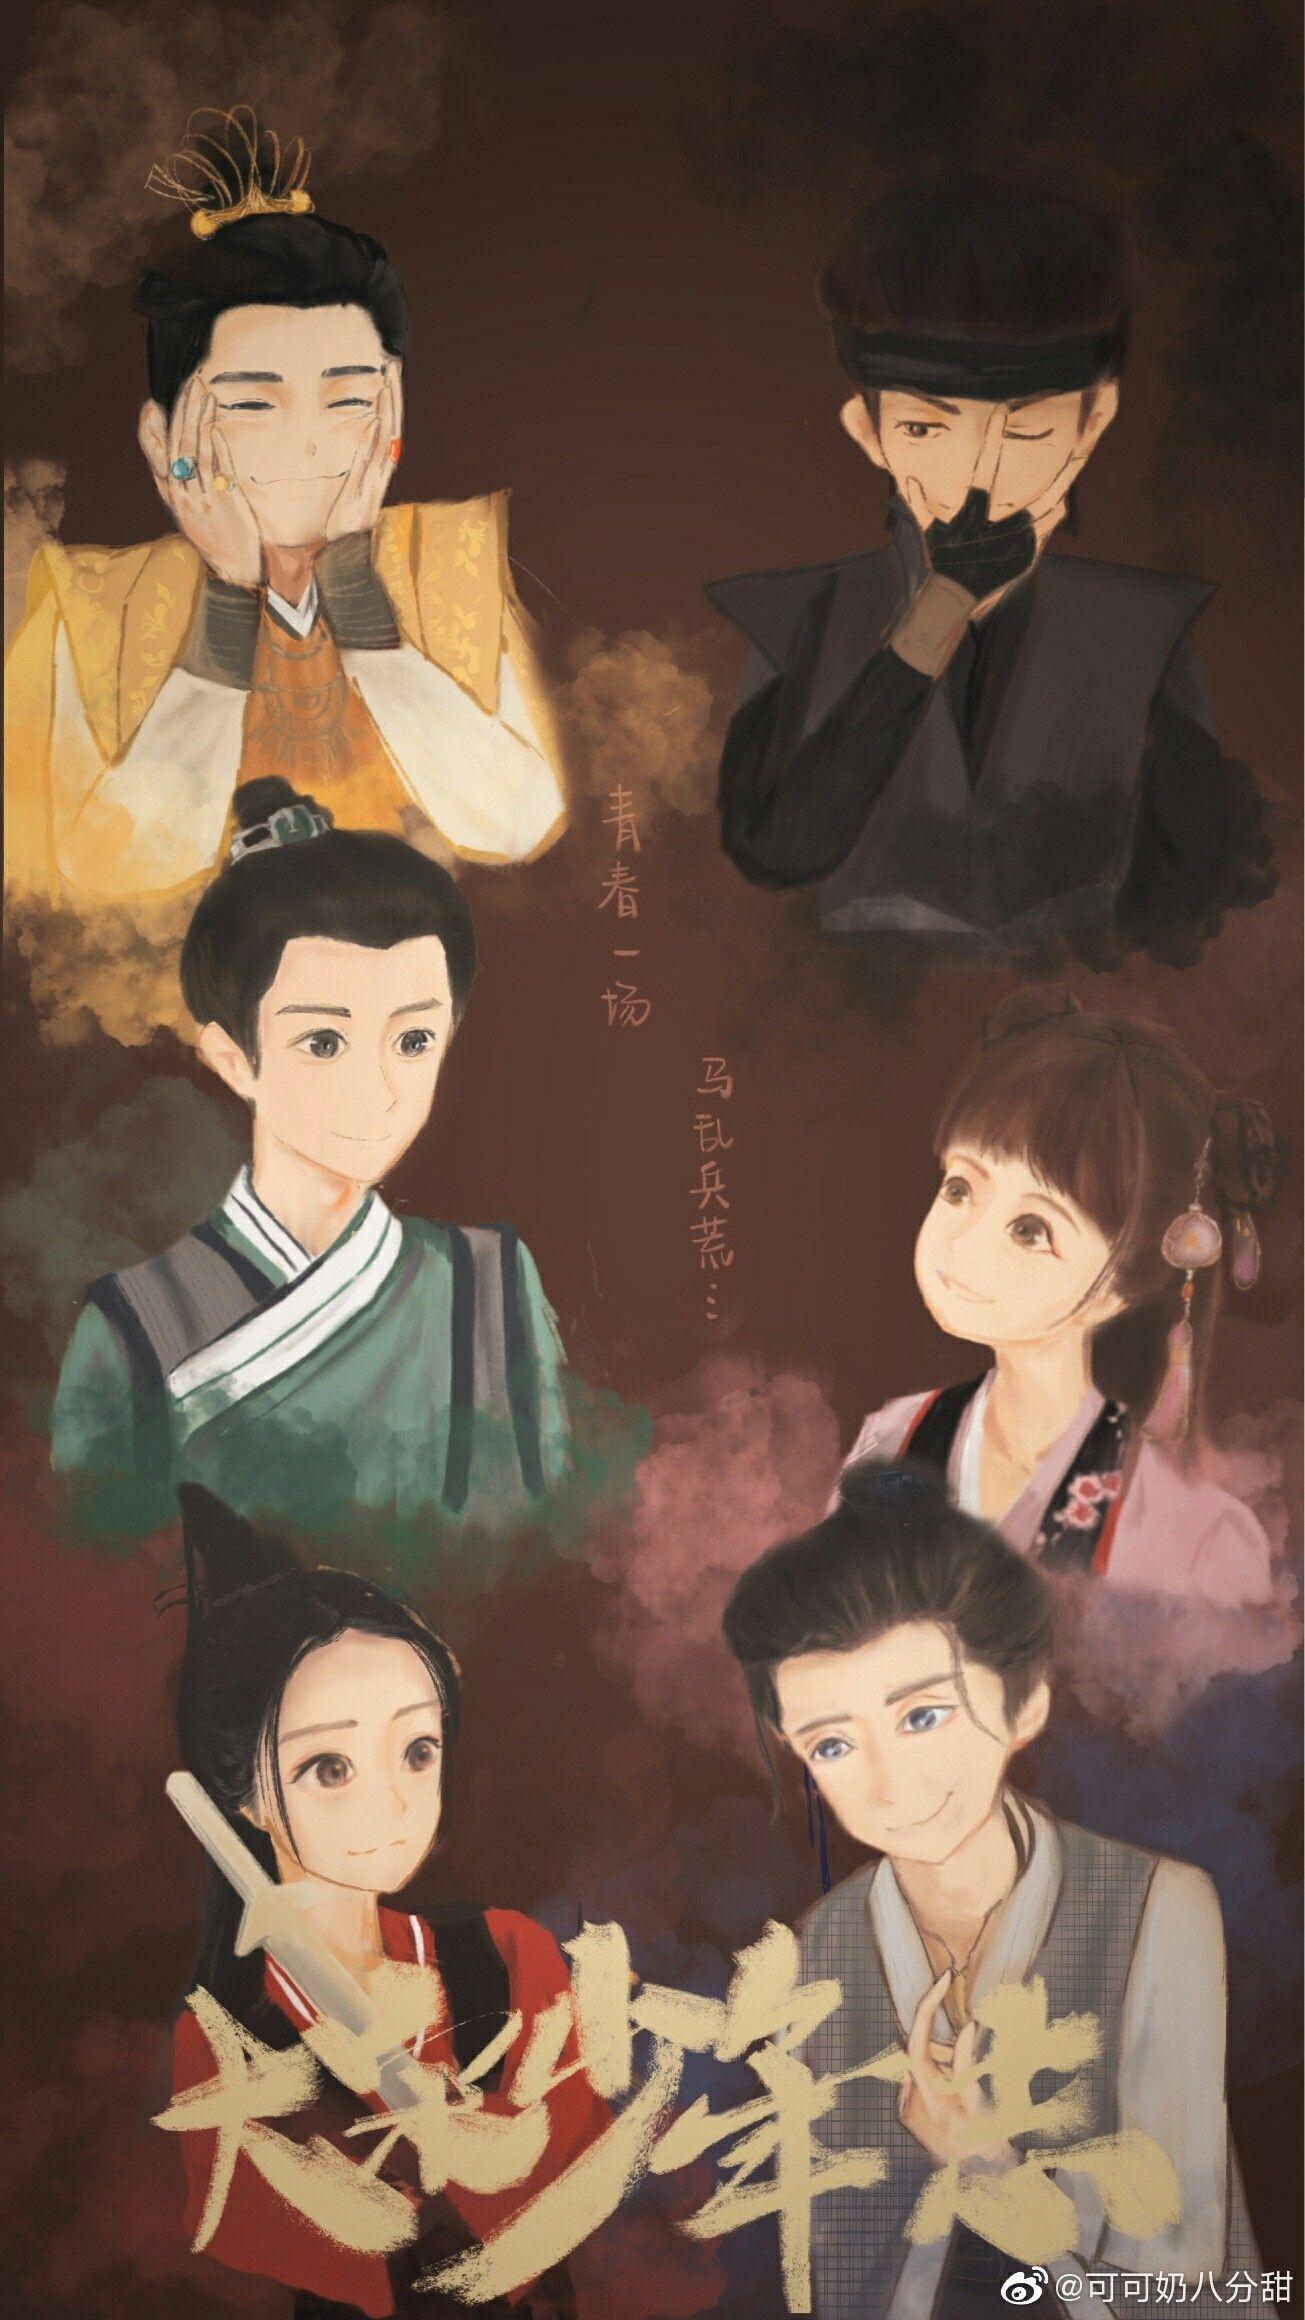 Pin by Cẩm Duyên on Chibi Chibi, Anime, Character